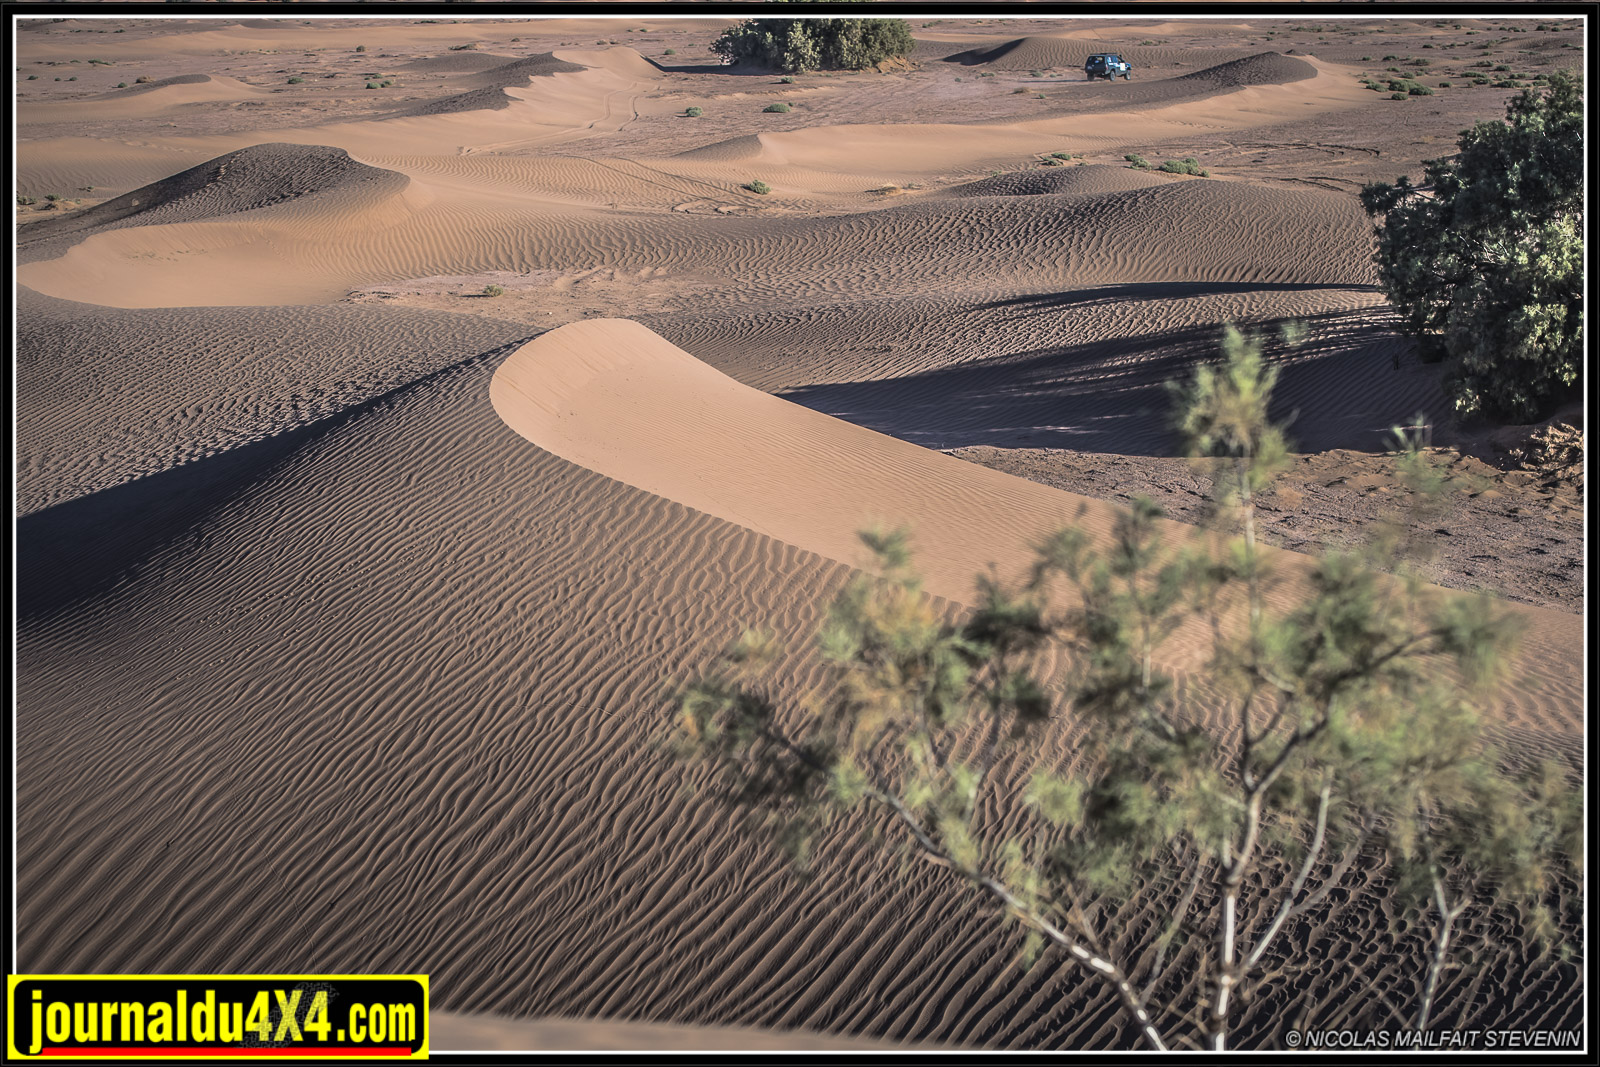 rallye-aicha-gazelles-maroc-2017-7035.jpg